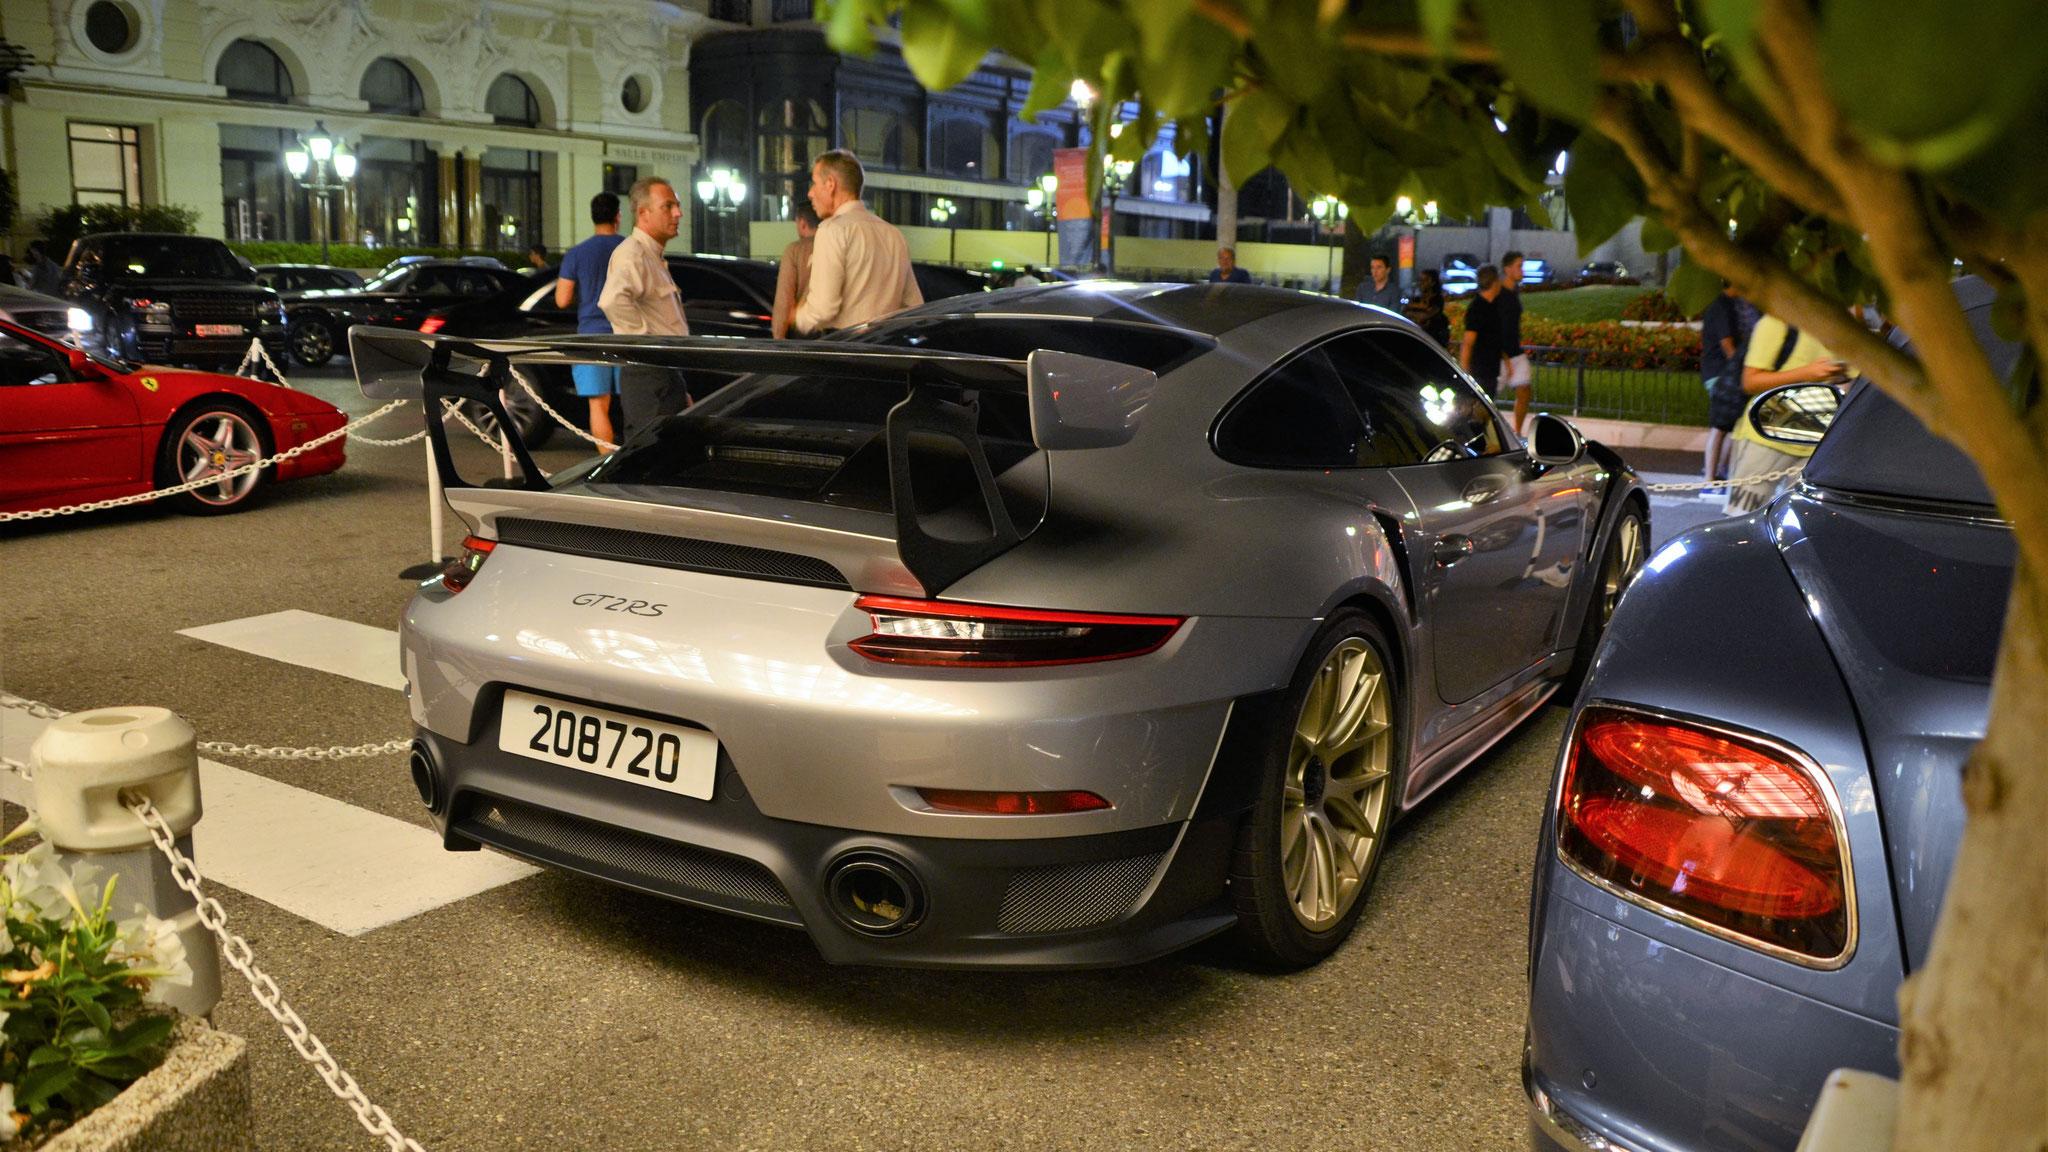 Porsche 911 GT2 RS - 208720 (Arab)